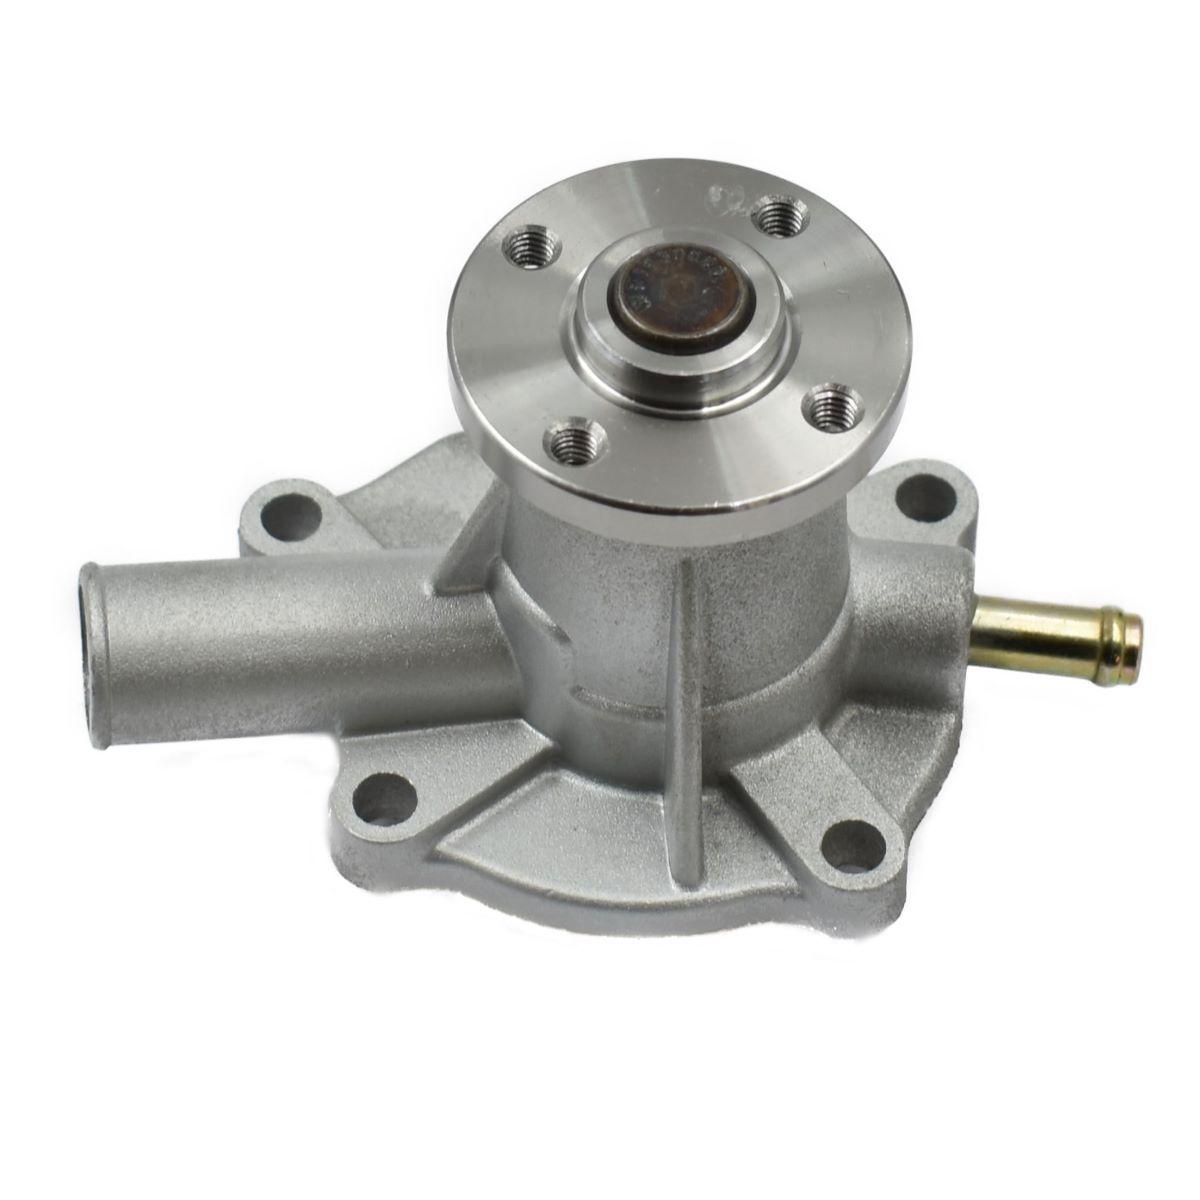 Kubota: U15 U17 G2 G3 KH21 KX41 Kubota motor: D782 1G820-73035 1G820-73030